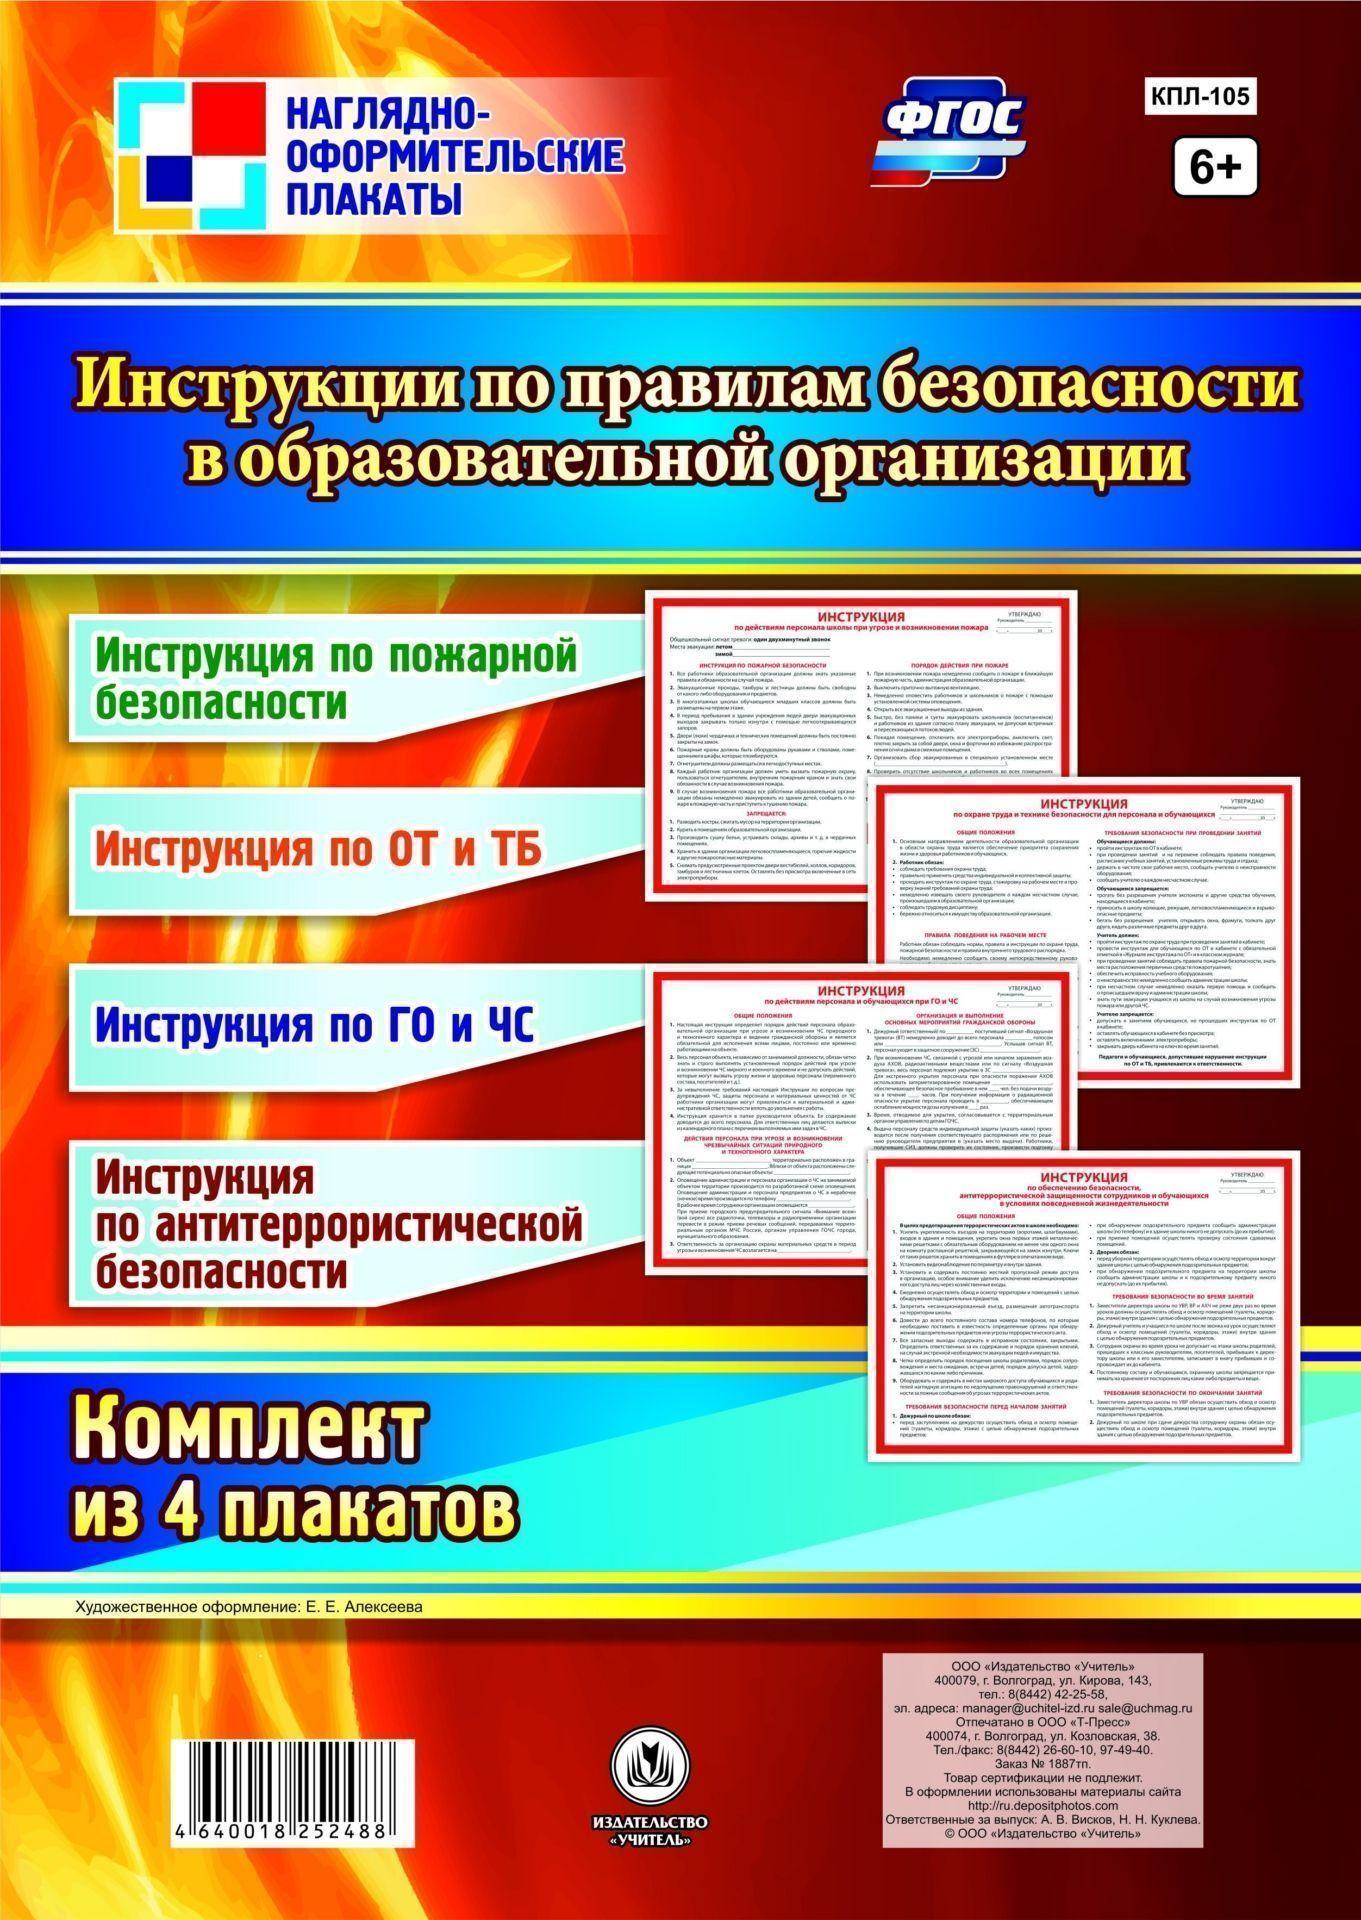 Комплект плакатов Инструкции по правилам безопасности в образовательной организации: 4 плакатаТематические плакаты<br>.<br><br>Год: 2017<br>Серия: Наглядно-оформительские плакаты<br>Высота: 594<br>Ширина: 420<br>Переплёт: набор